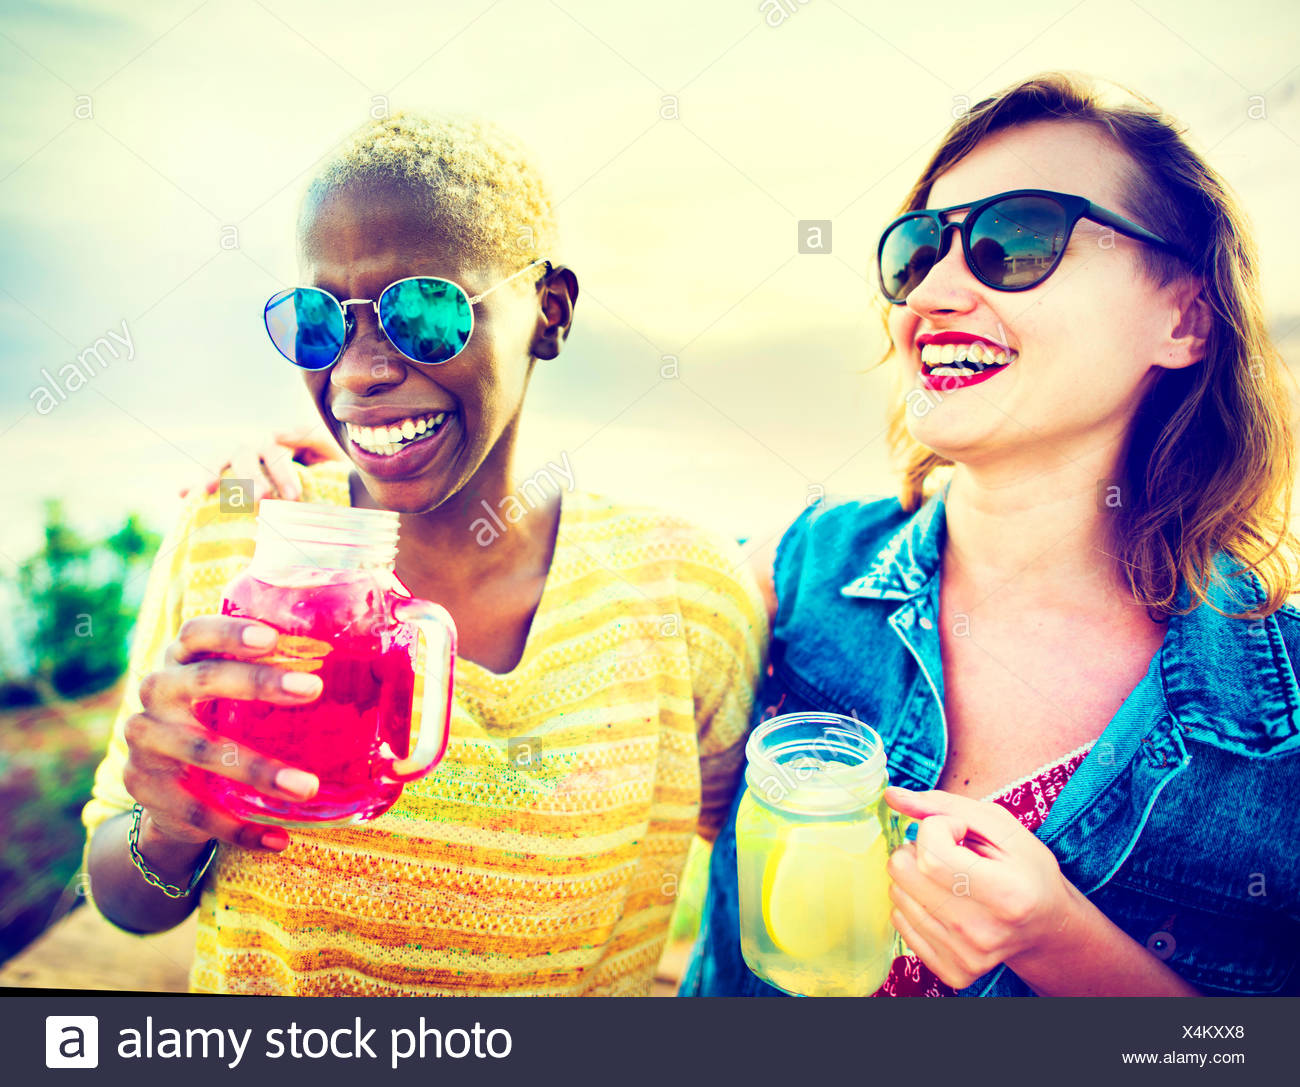 Partie de l'été bonheur amitié copines Concept Photo Stock